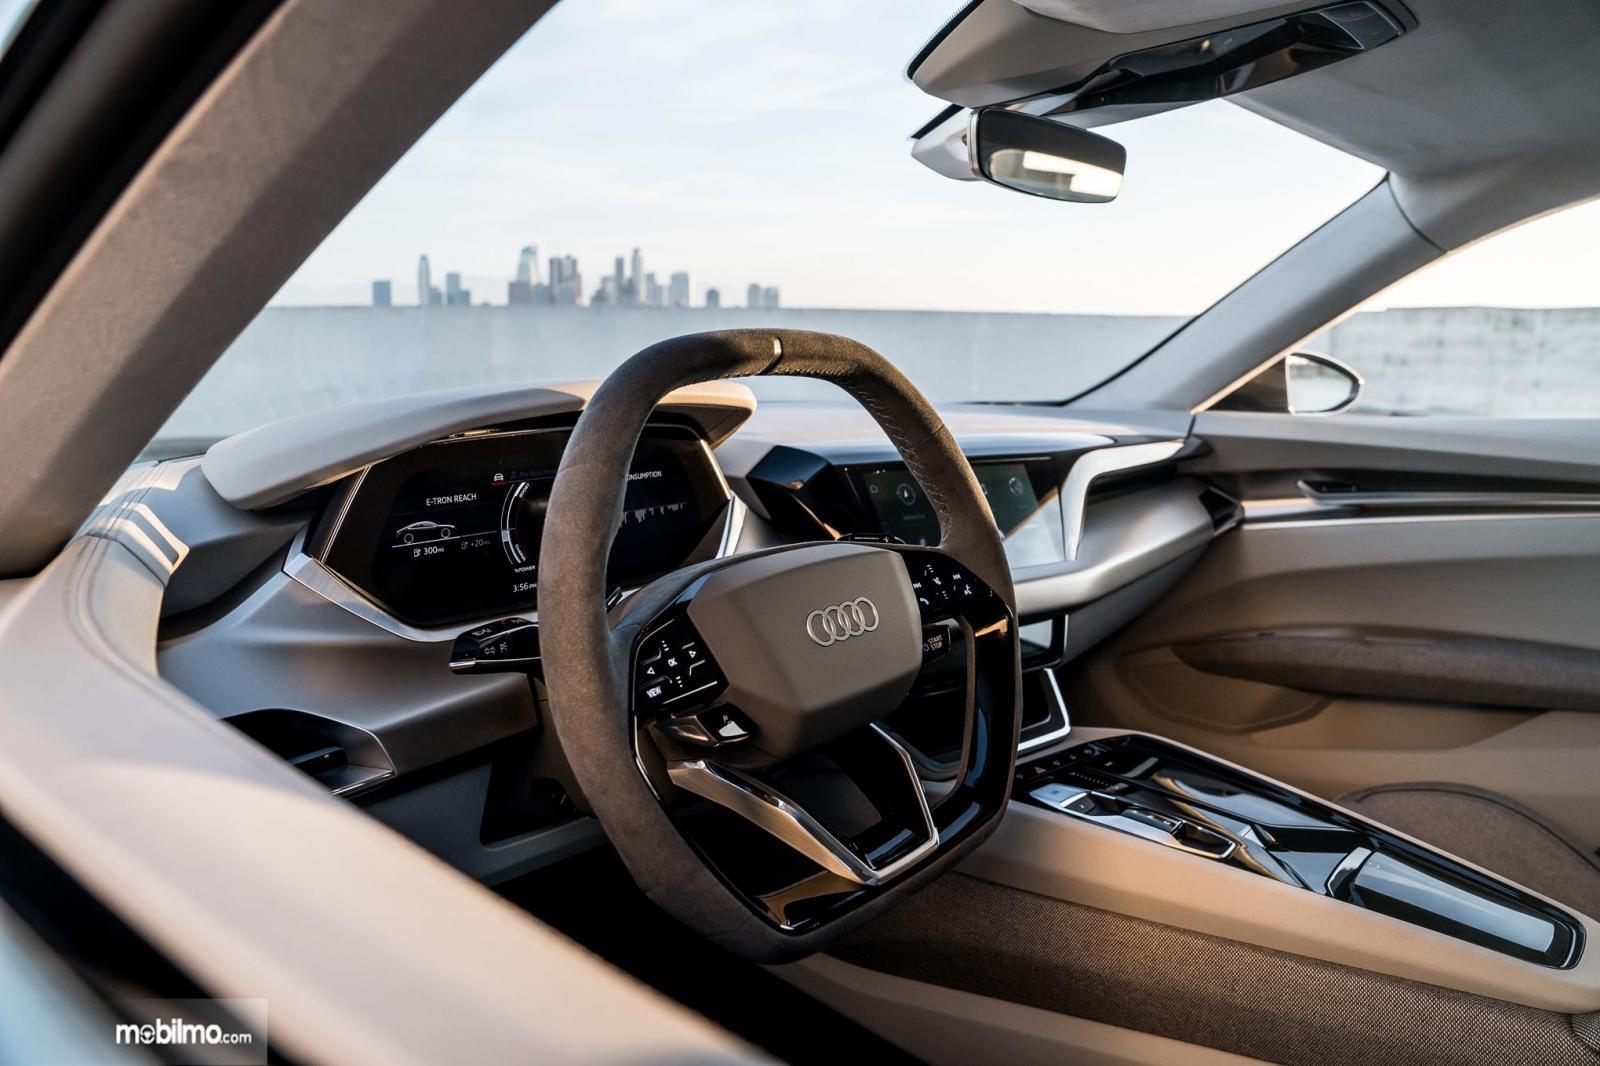 Gambar menunjukkan bagian Setir mobil Audi e-tron GT 2019